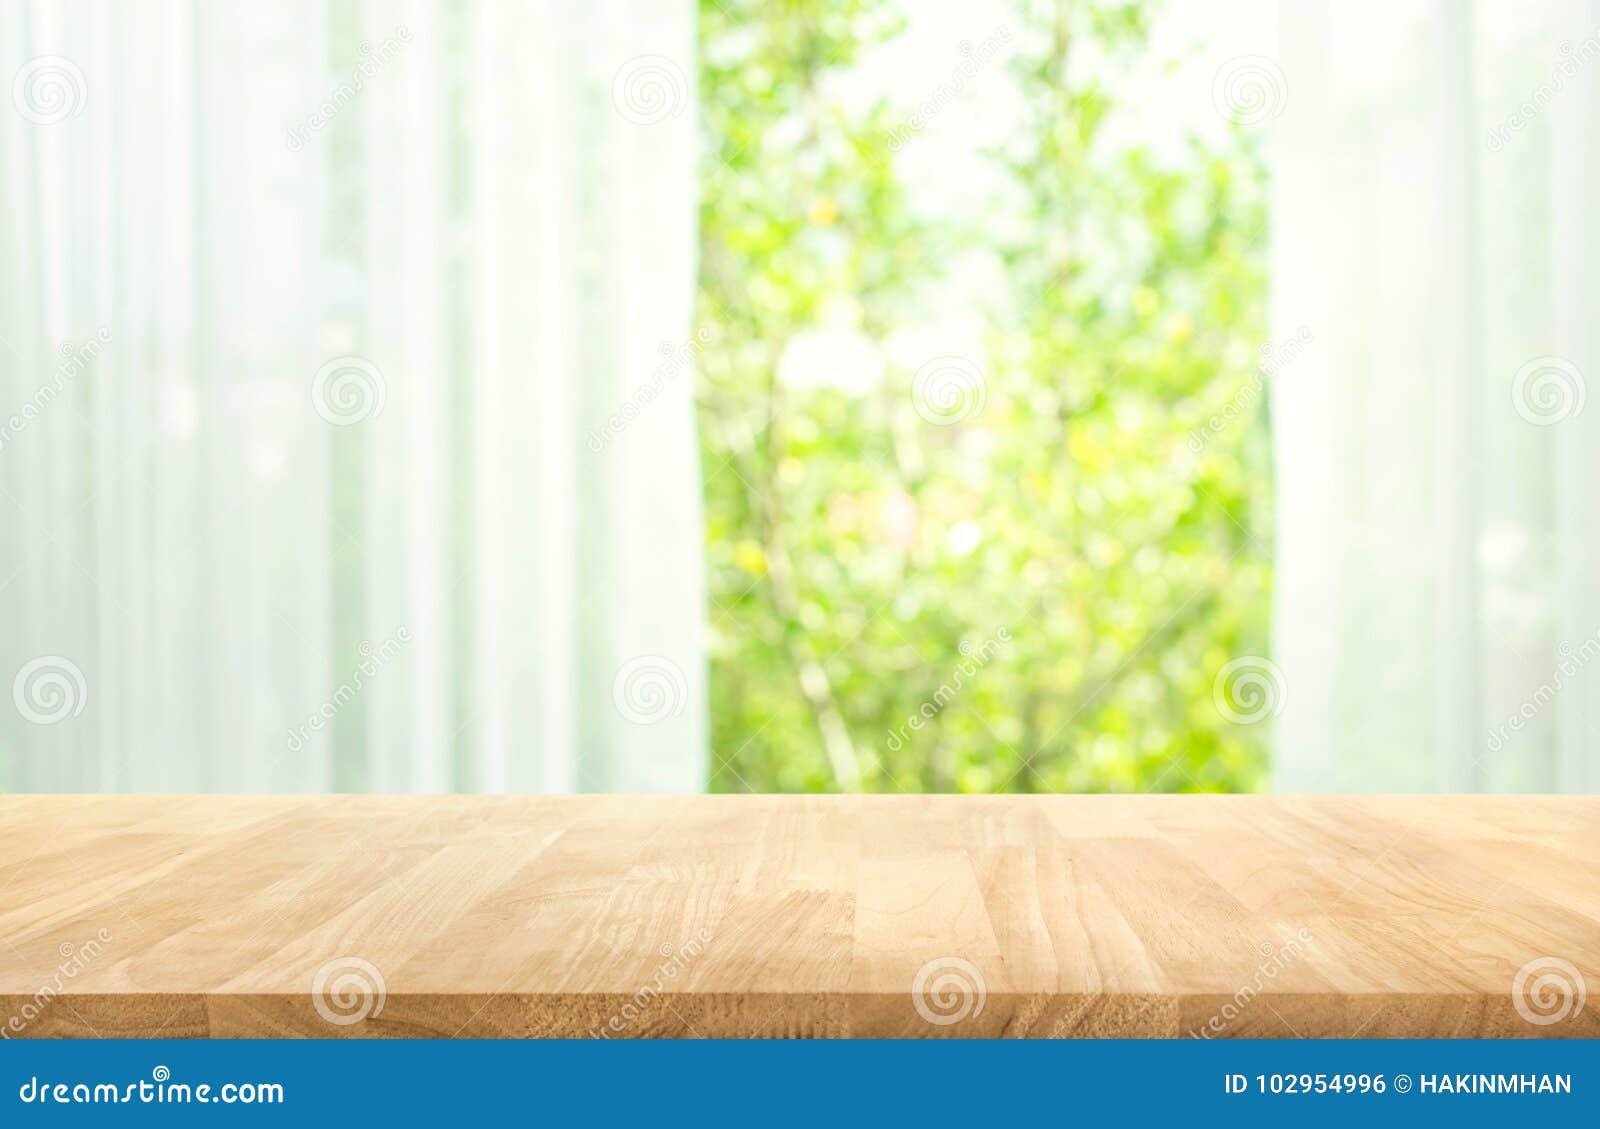 Leeg van houten lijstbovenkant bij het onduidelijke beeld van gordijn met venstermening groen van de achtergrond van de boomtuin